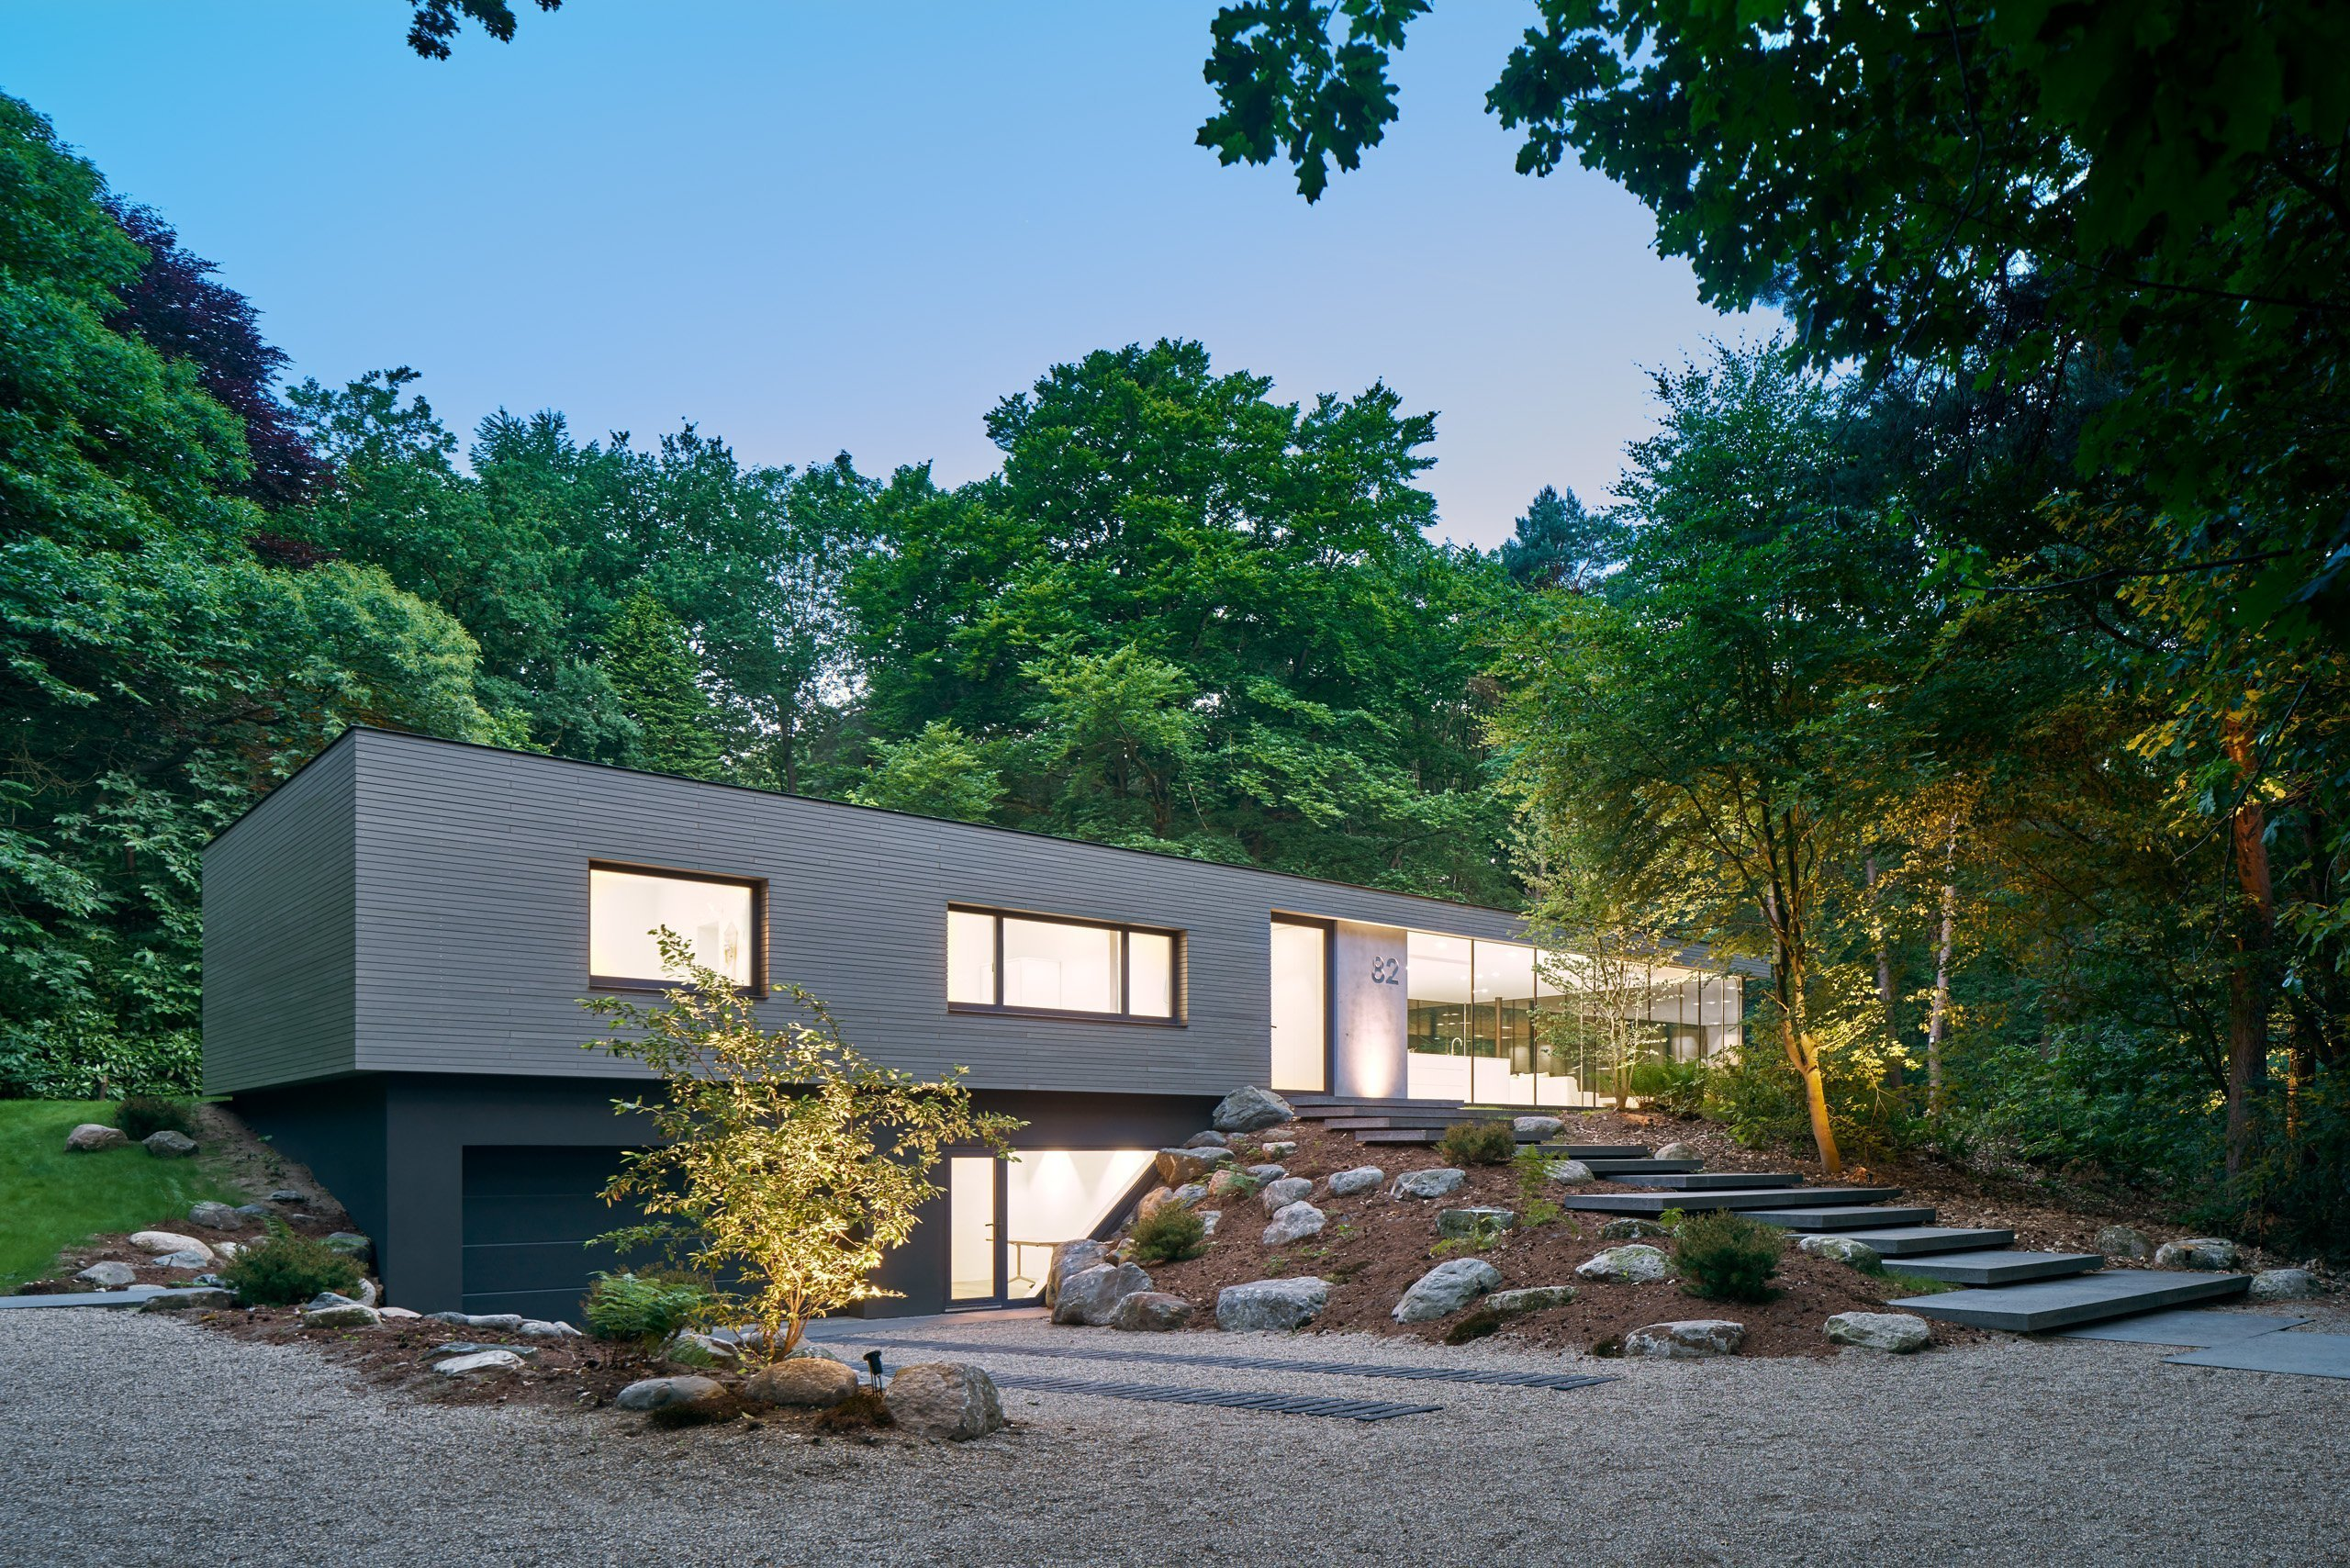 Rekonstrukce padesát let staré vily se vyplatila. Otevřené prostory a veškerý komfort s bydlením v přírodě. Výjimečná atmosféra místa tvoří spolu s originální stavbou ideální místo k bydlení.